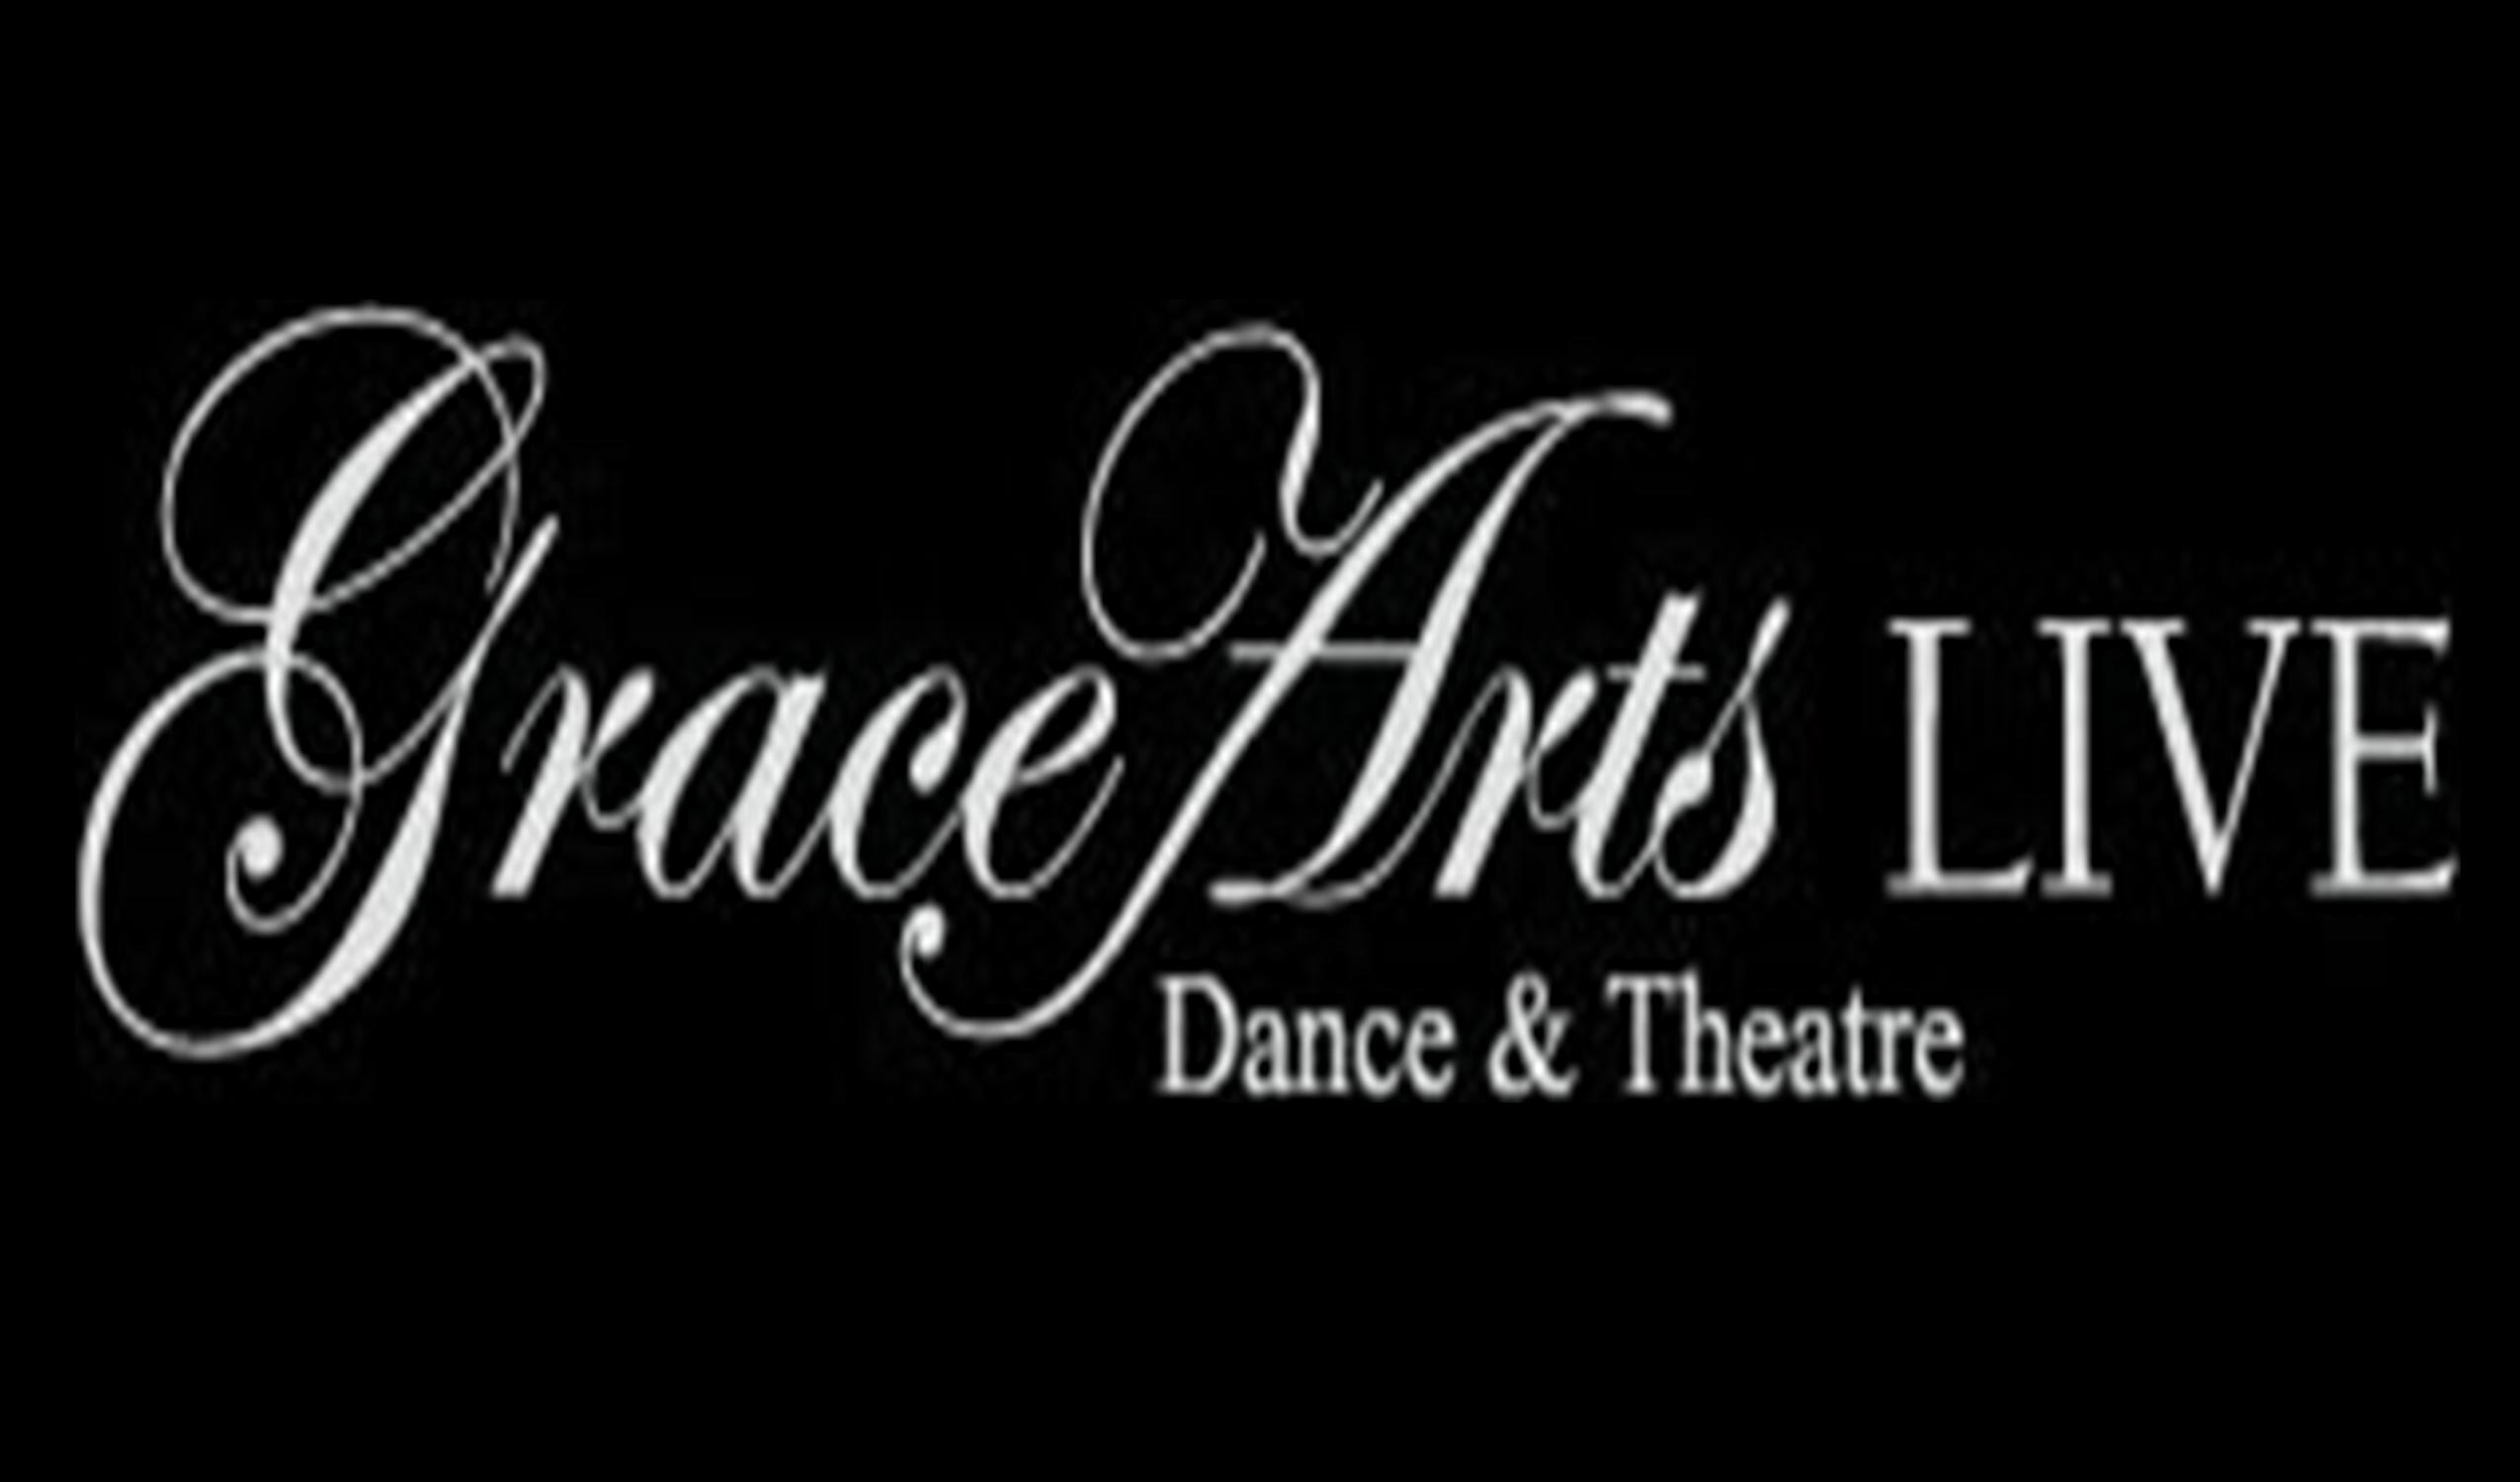 Grace Arts Live